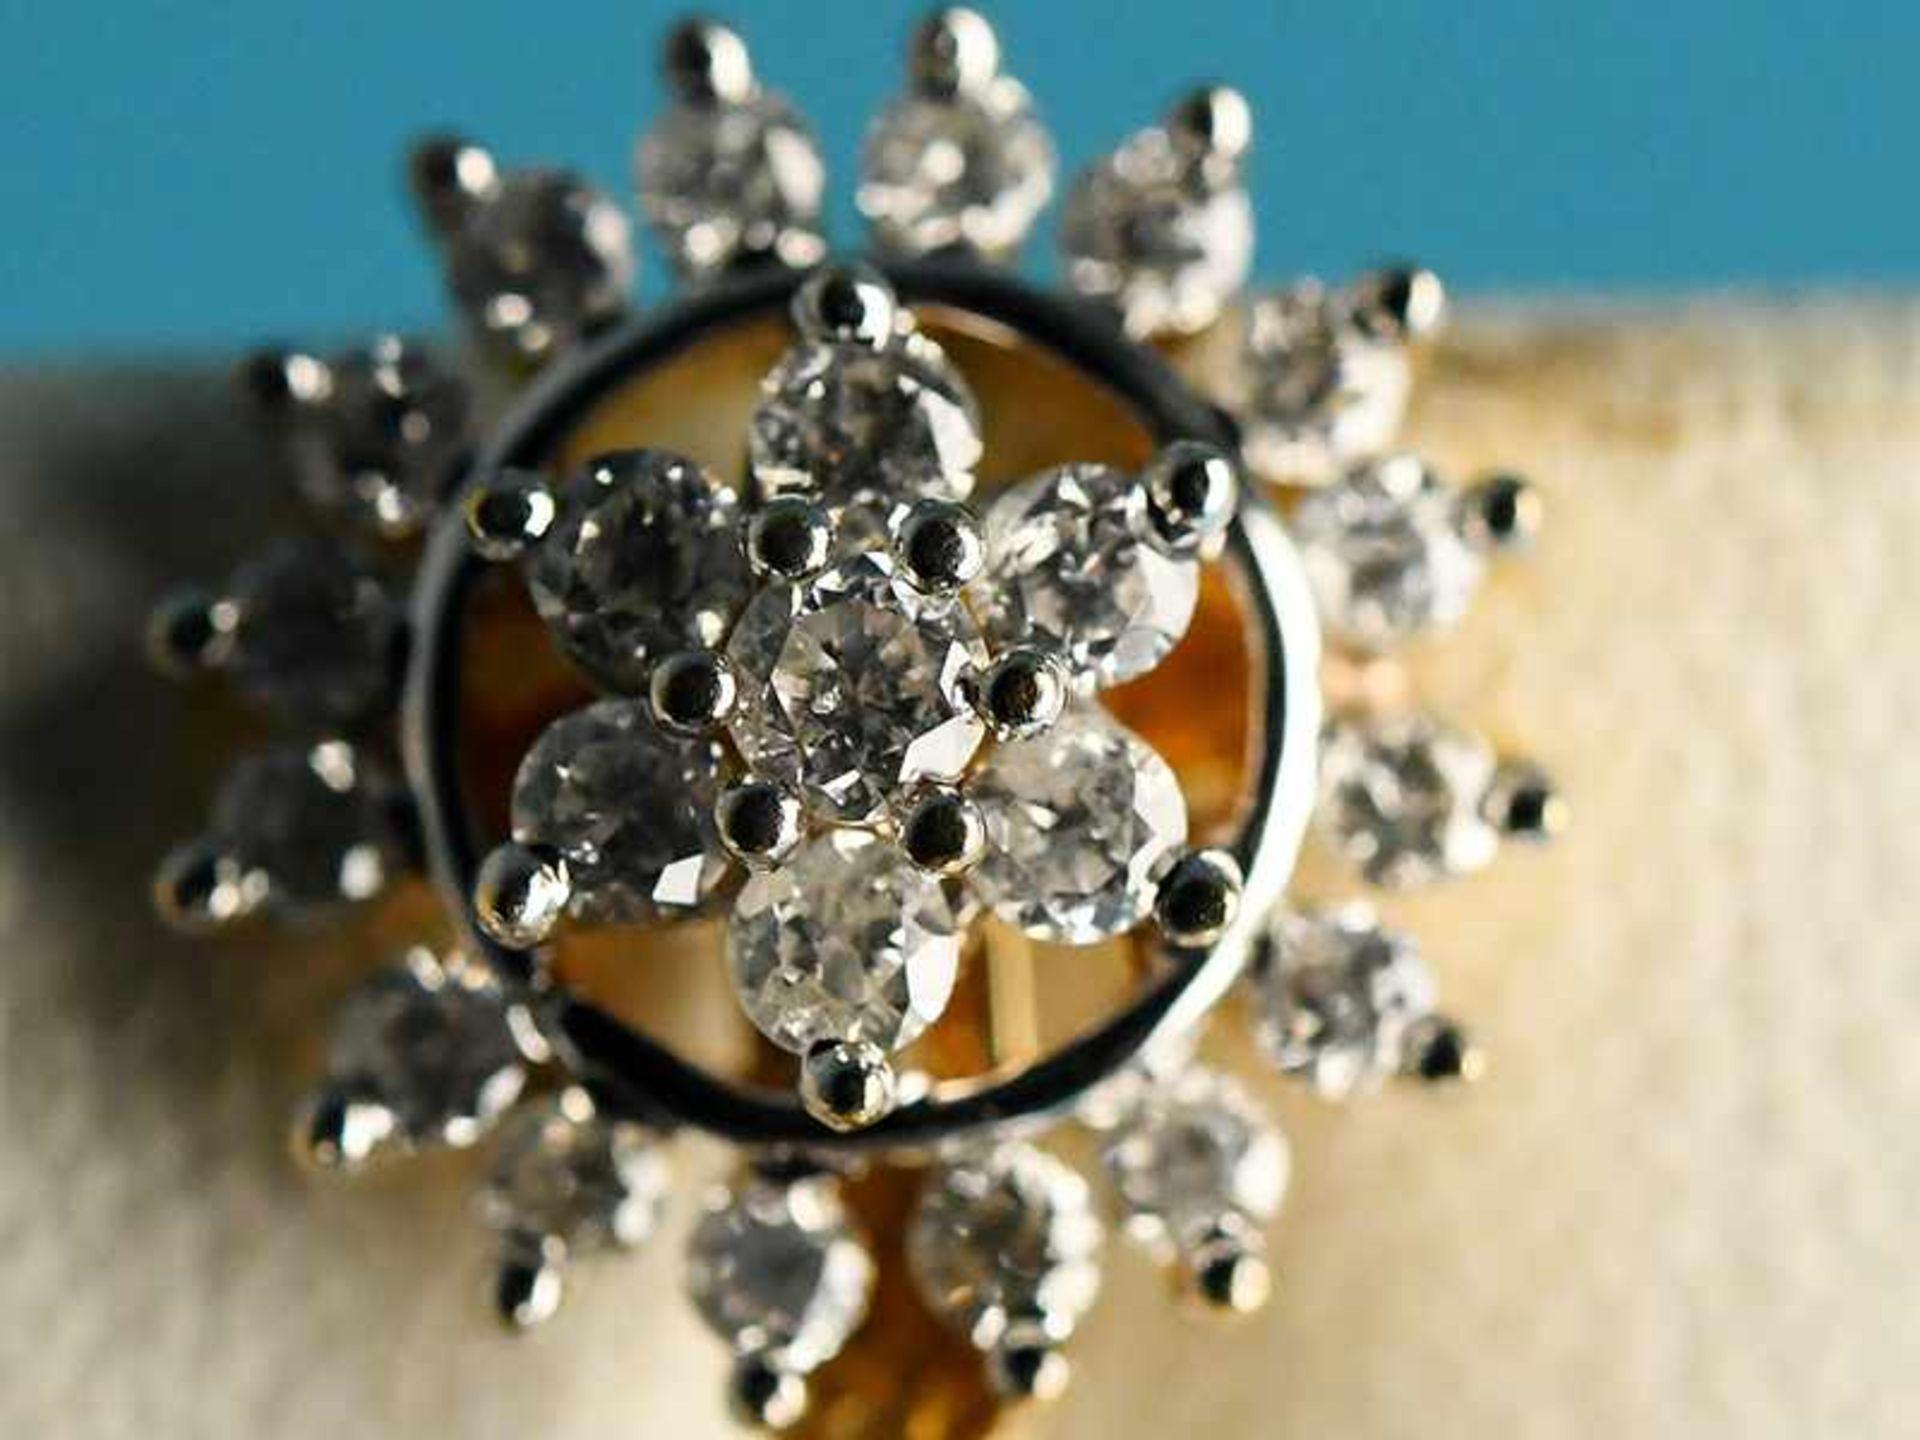 Paar Ohrgehänge mit Perlen und Brillanten, zusammen ca. 0,5 ct, 21. Jh. 585/- Gelbgold. - Bild 2 aus 2